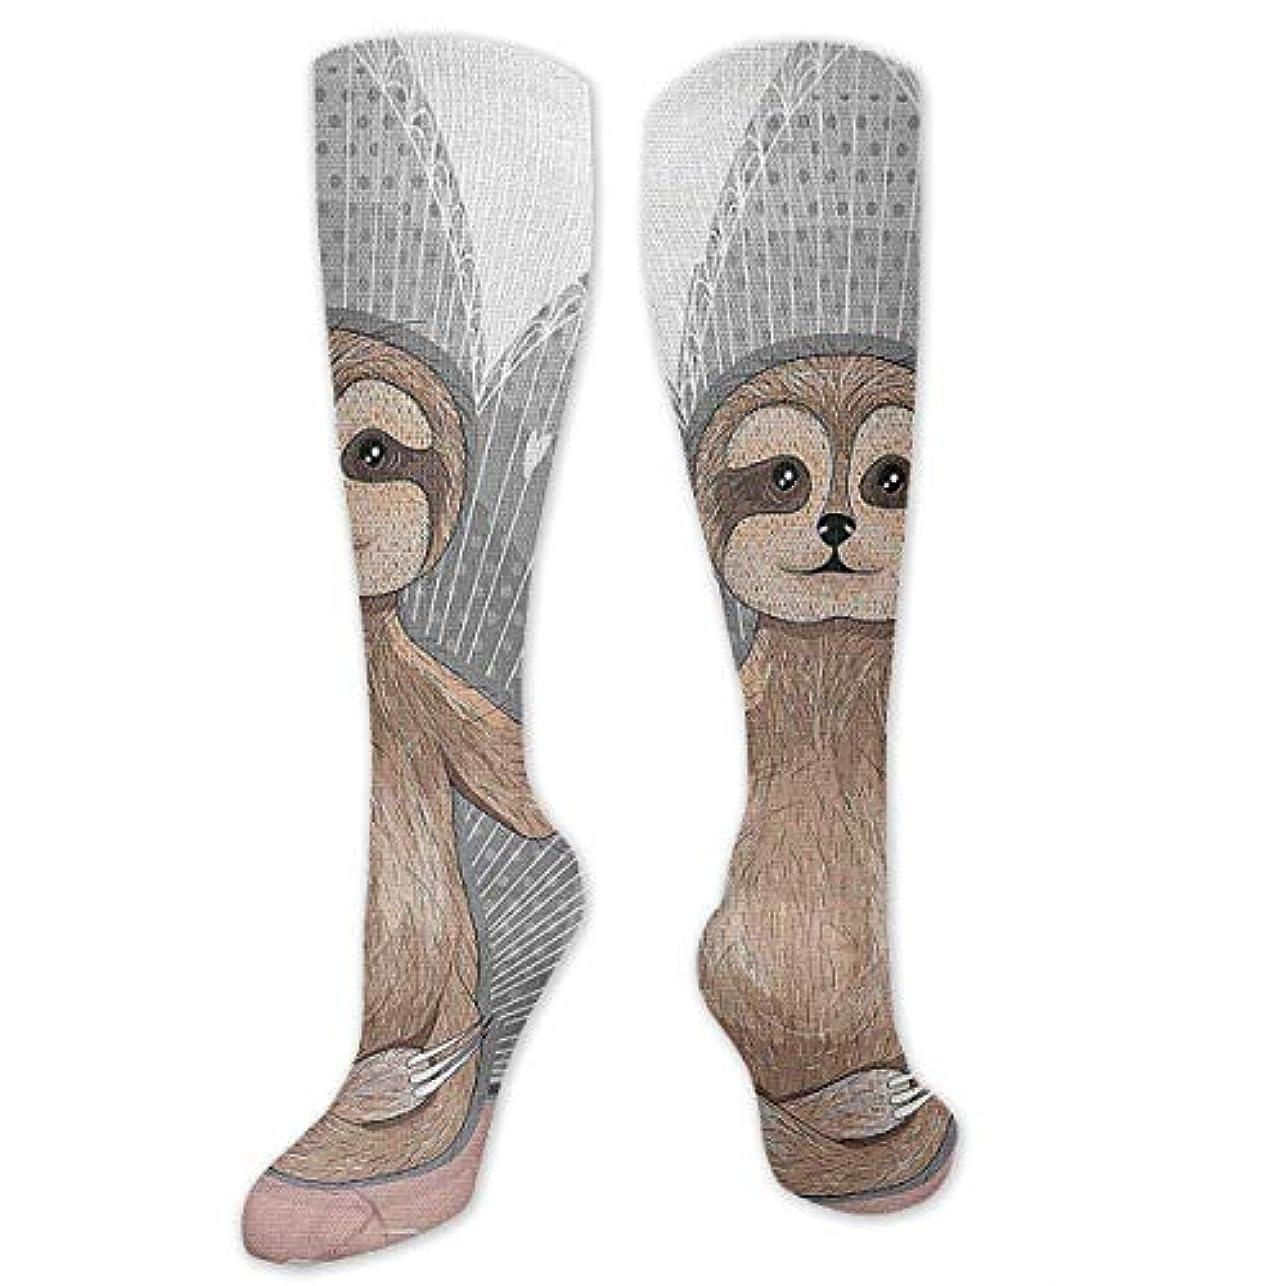 慢練習したに渡って靴下,ストッキング,野生のジョーカー,実際,秋の本質,冬必須,サマーウェア&RBXAA Little Cute Sloth Meditation Socks Women's Winter Cotton Long Tube...